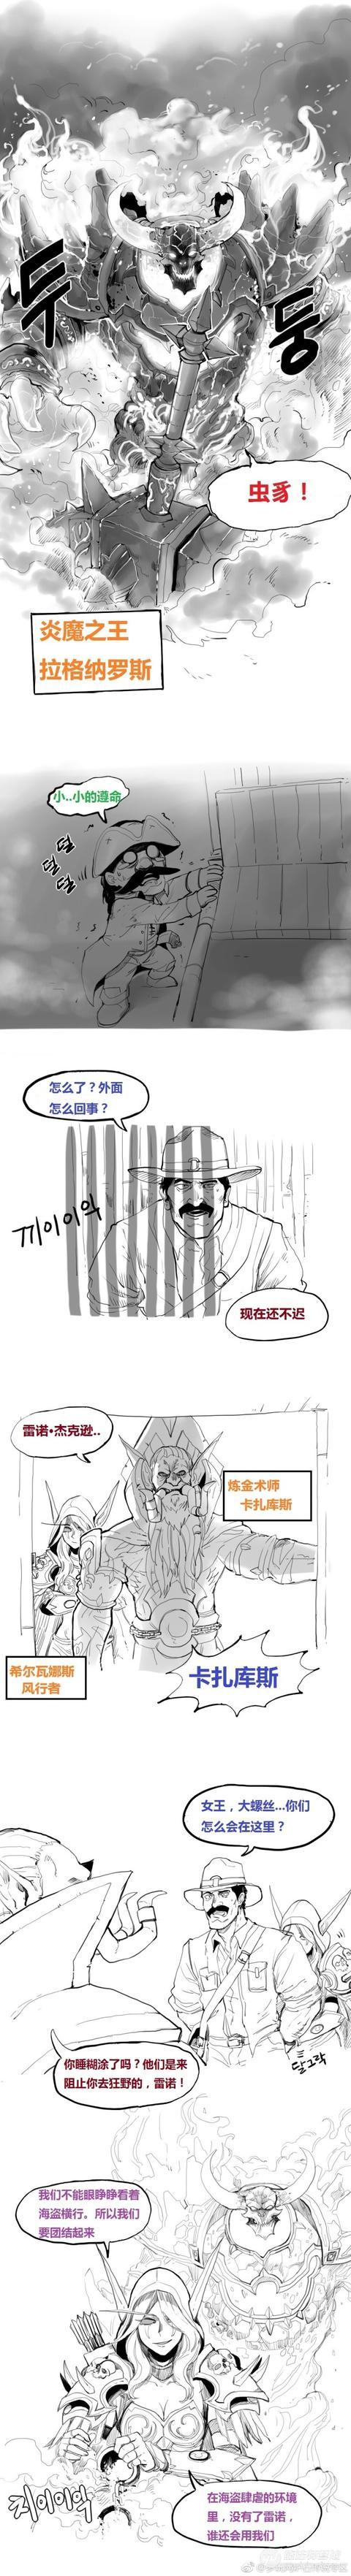 「爐石漫畫」再見,雷諾最後的決心 - 每日頭條